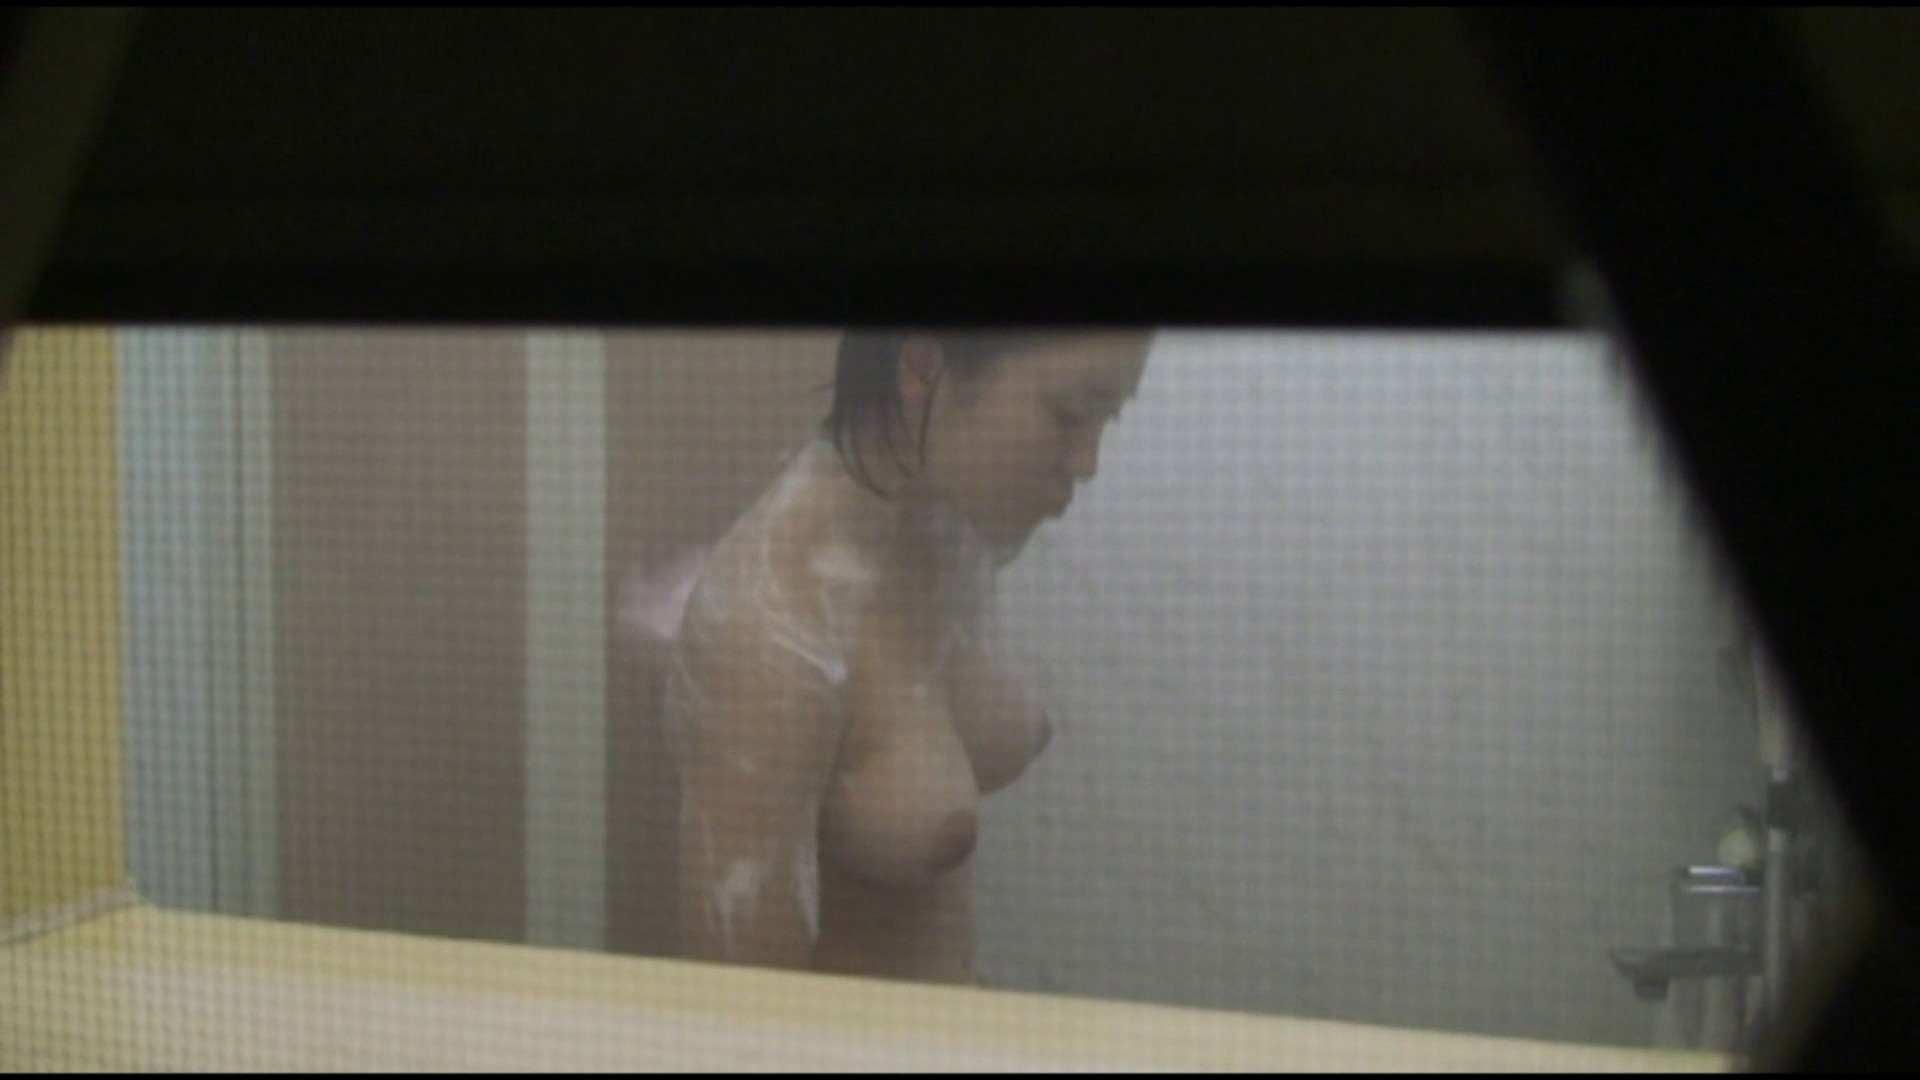 vol.04巨乳美人のおっぱいがプルルンッと弾けてます!風呂上りも必見 OL女体 AV無料動画キャプチャ 105連発 93